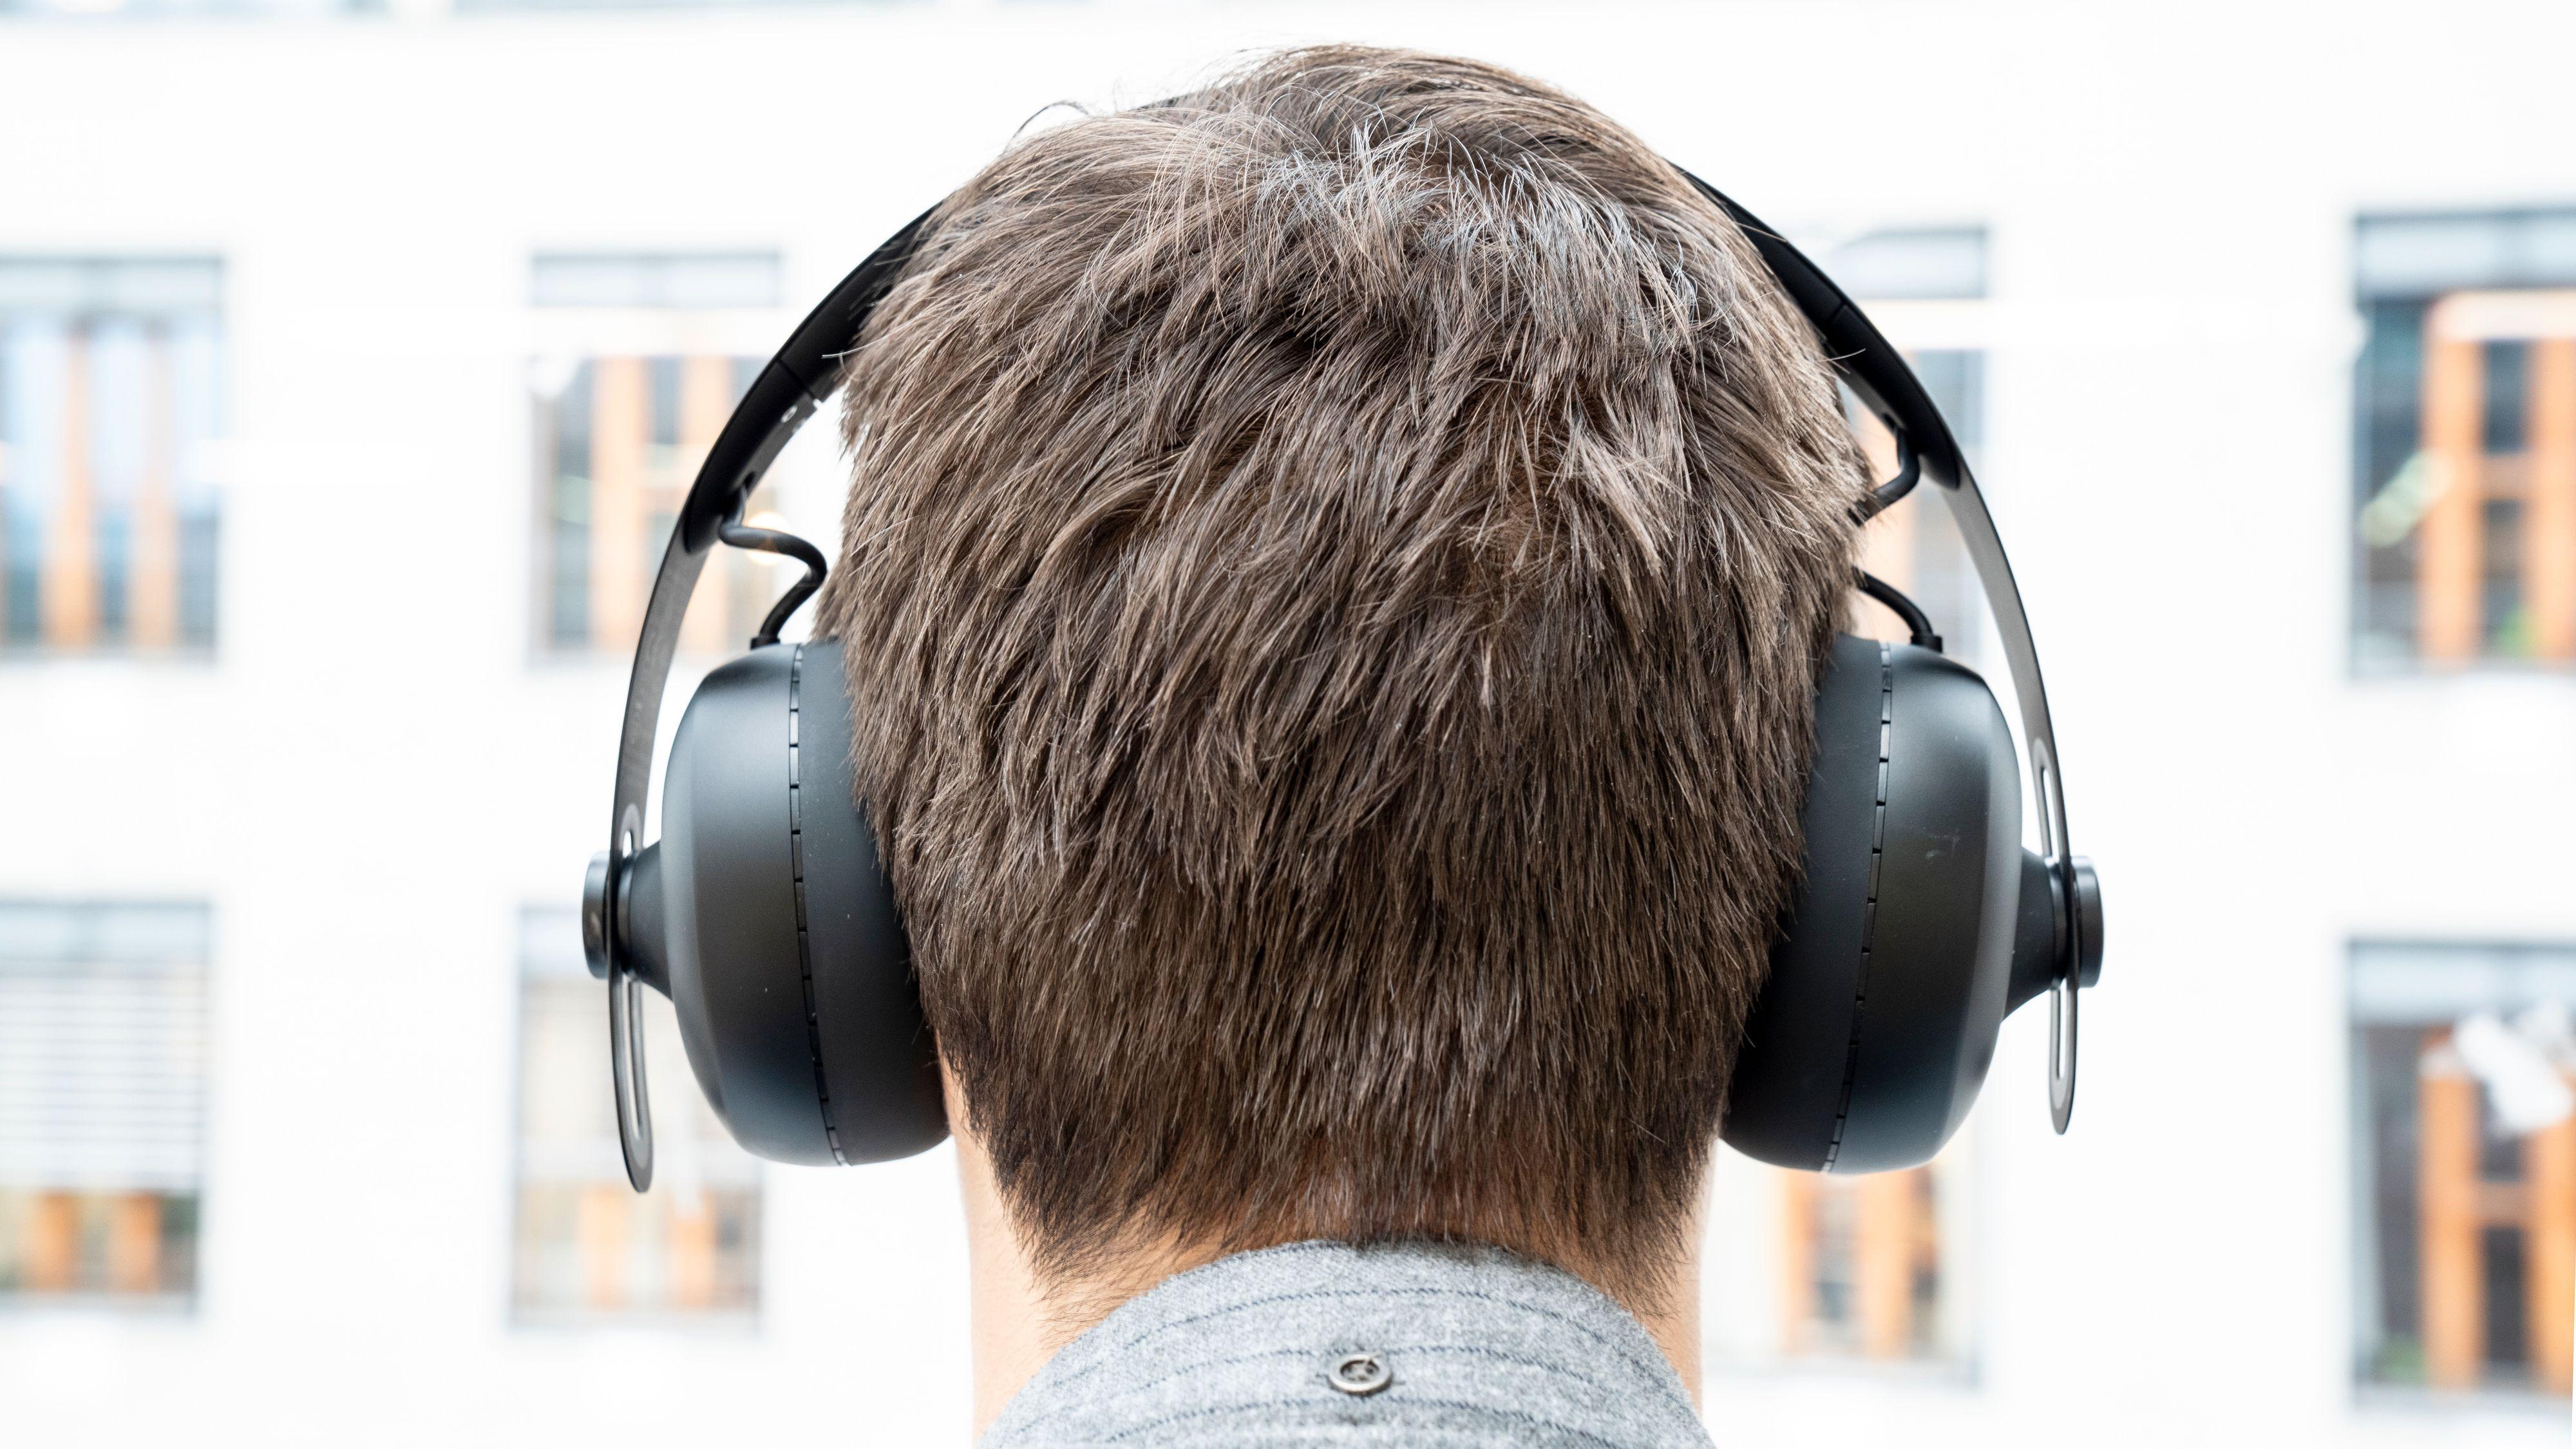 Nuraphone-hodetelefonene er omtrent like store som de fleste andre hodetelefoner til noen tusenlapper. Byggekvaliteten oppleves som god.